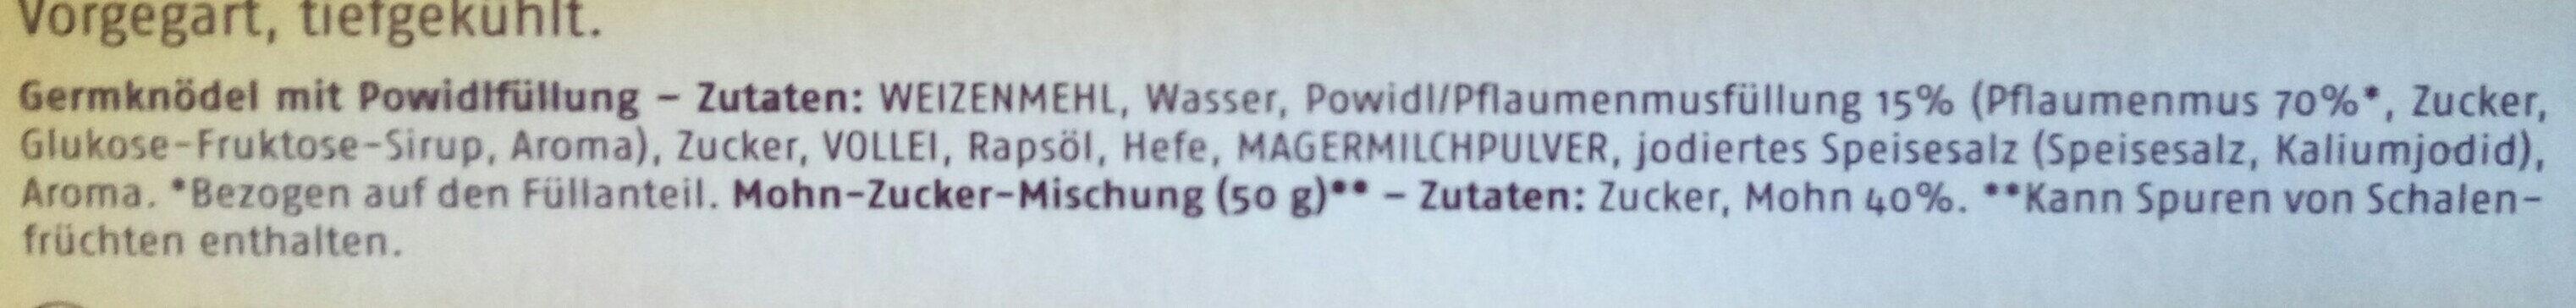 Riesen-Germknödel mit Mohn-Zucker - Ingredients - de